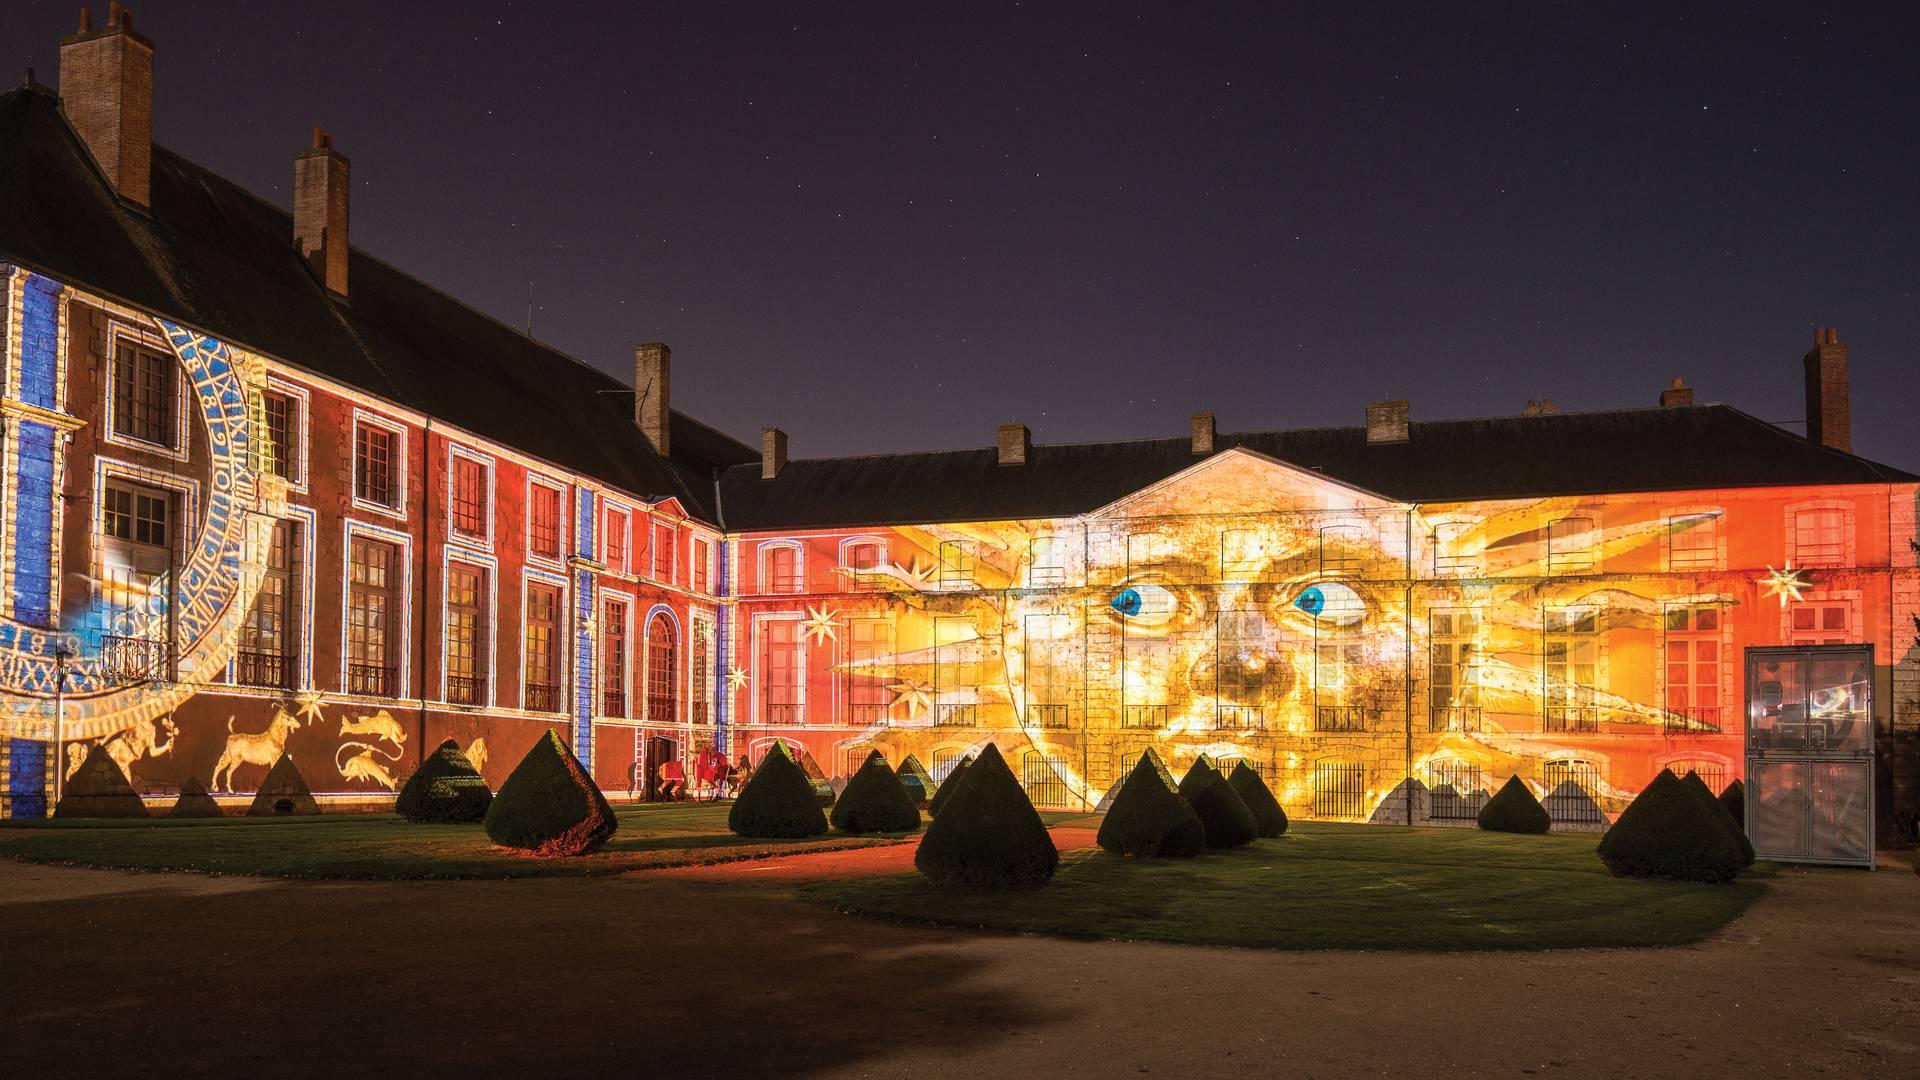 Musée des Beaux-Arts côté jardins de l'évêché illuminé